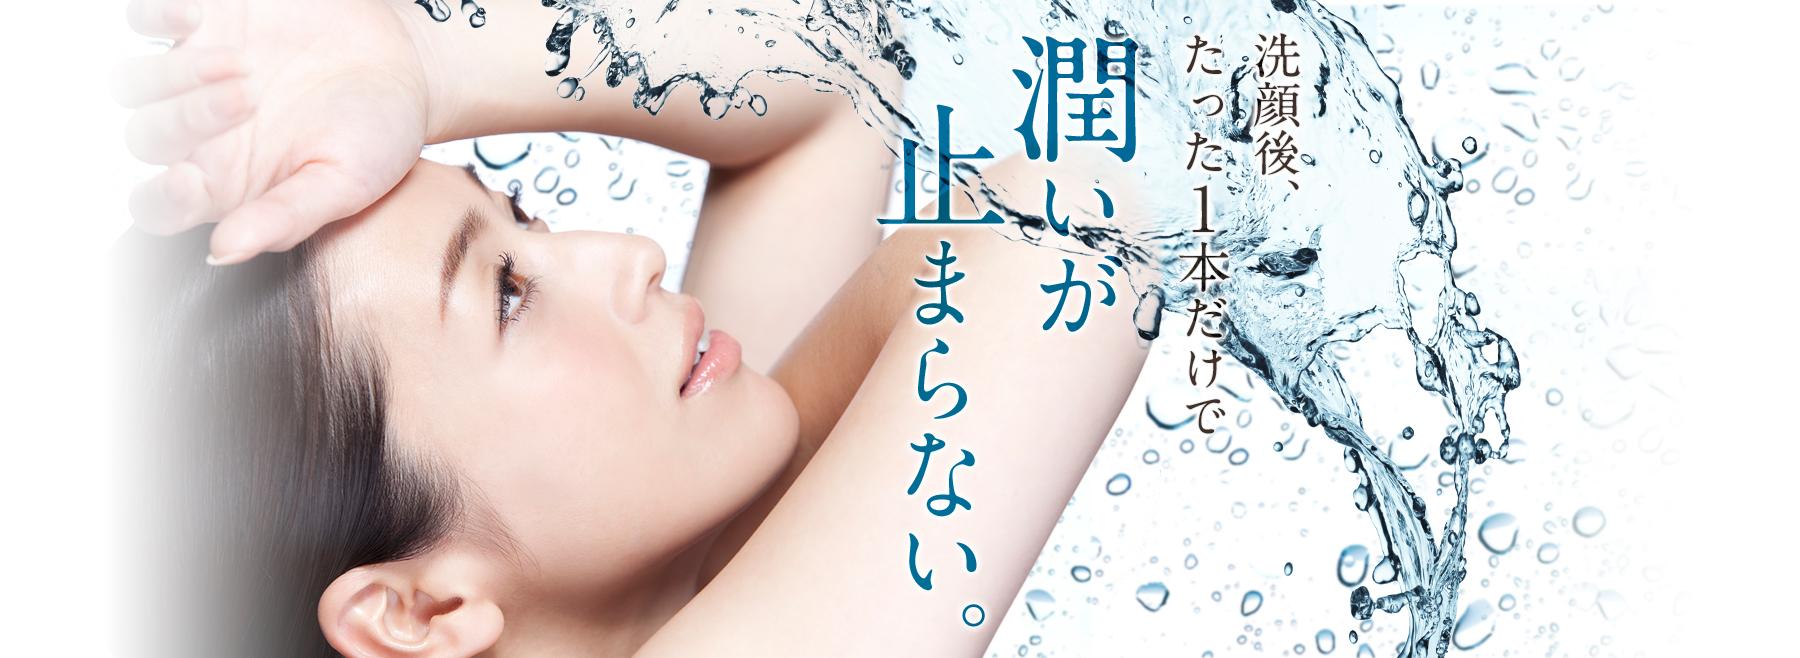 洗顔後、たった1本だけで潤いが止まらない。